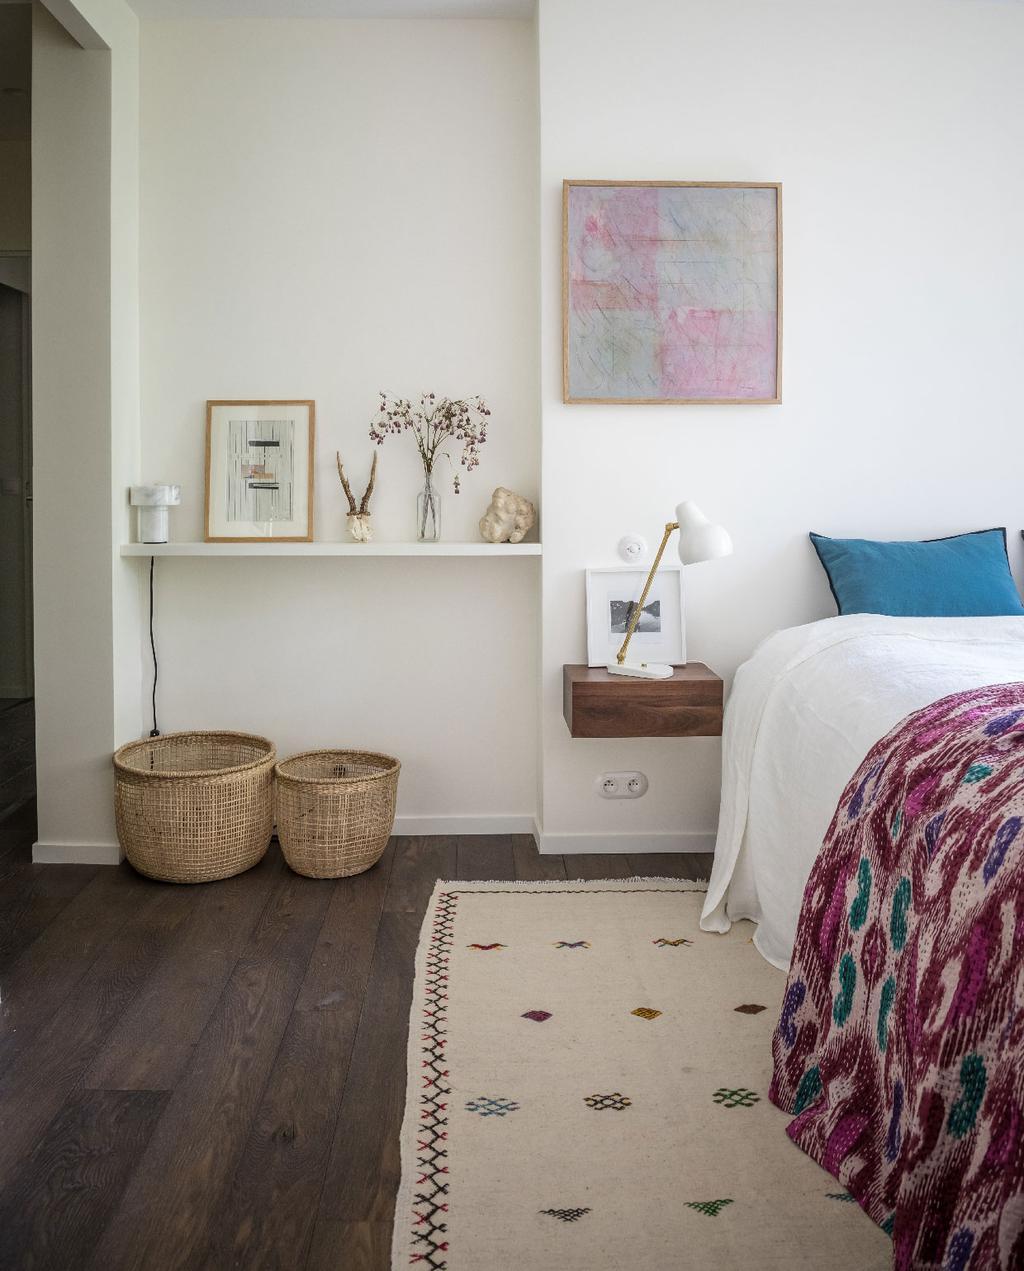 vtwonen 09-2020 binnenkijken Frankrijk | slaapkamer boredeaux plaid met blauw kussen